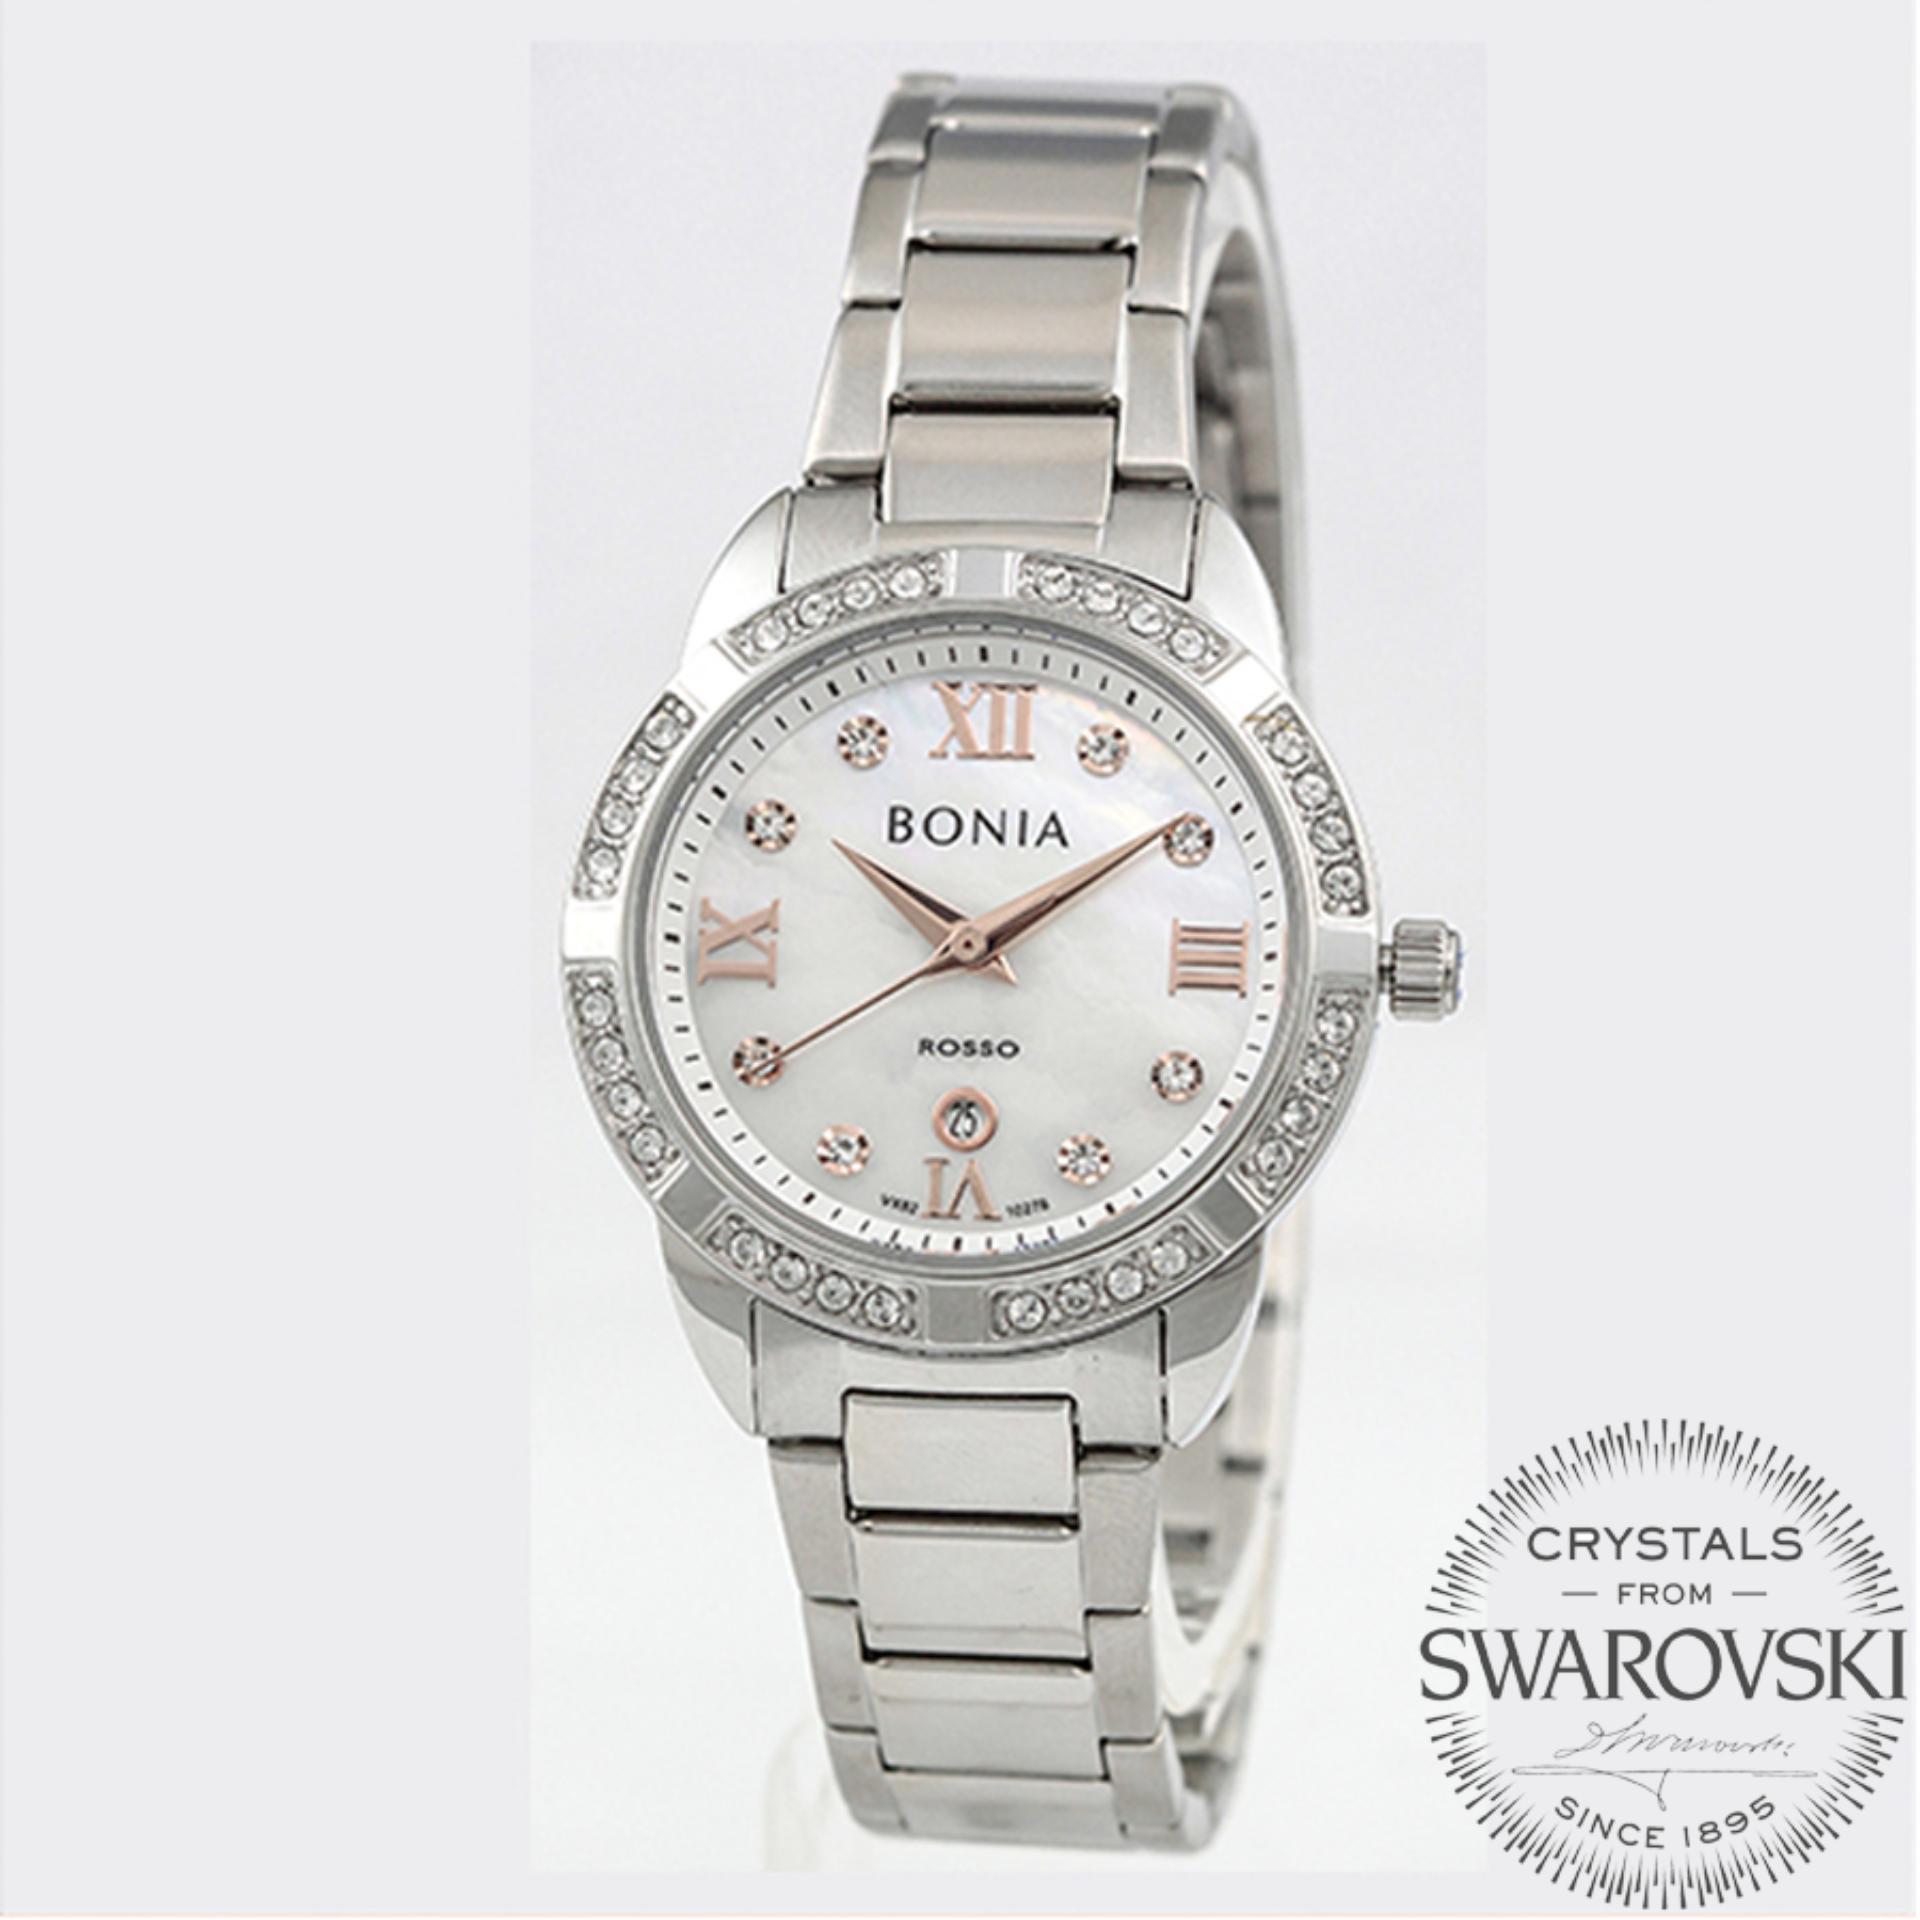 Bonia Jam Tangan Wanita Silver Putih Stainless Steel Bpt223 2303s B10099 2117 Gold Bn10278 2353s